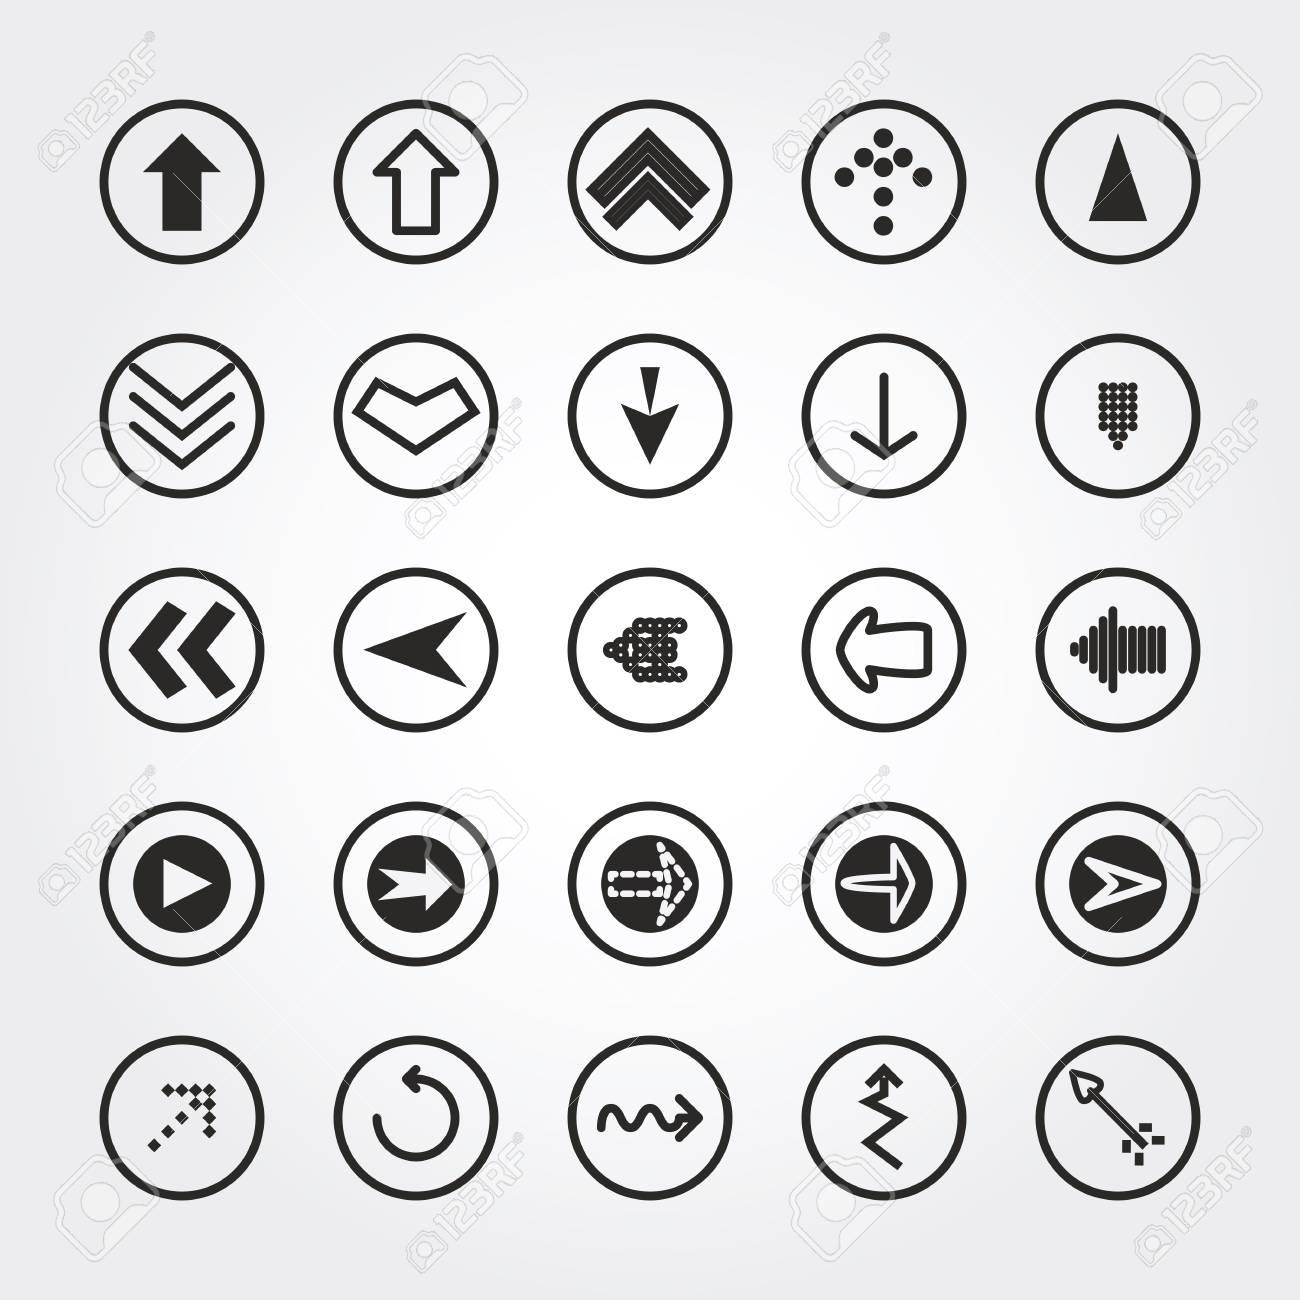 arrow icons Stock Photo - 21457931